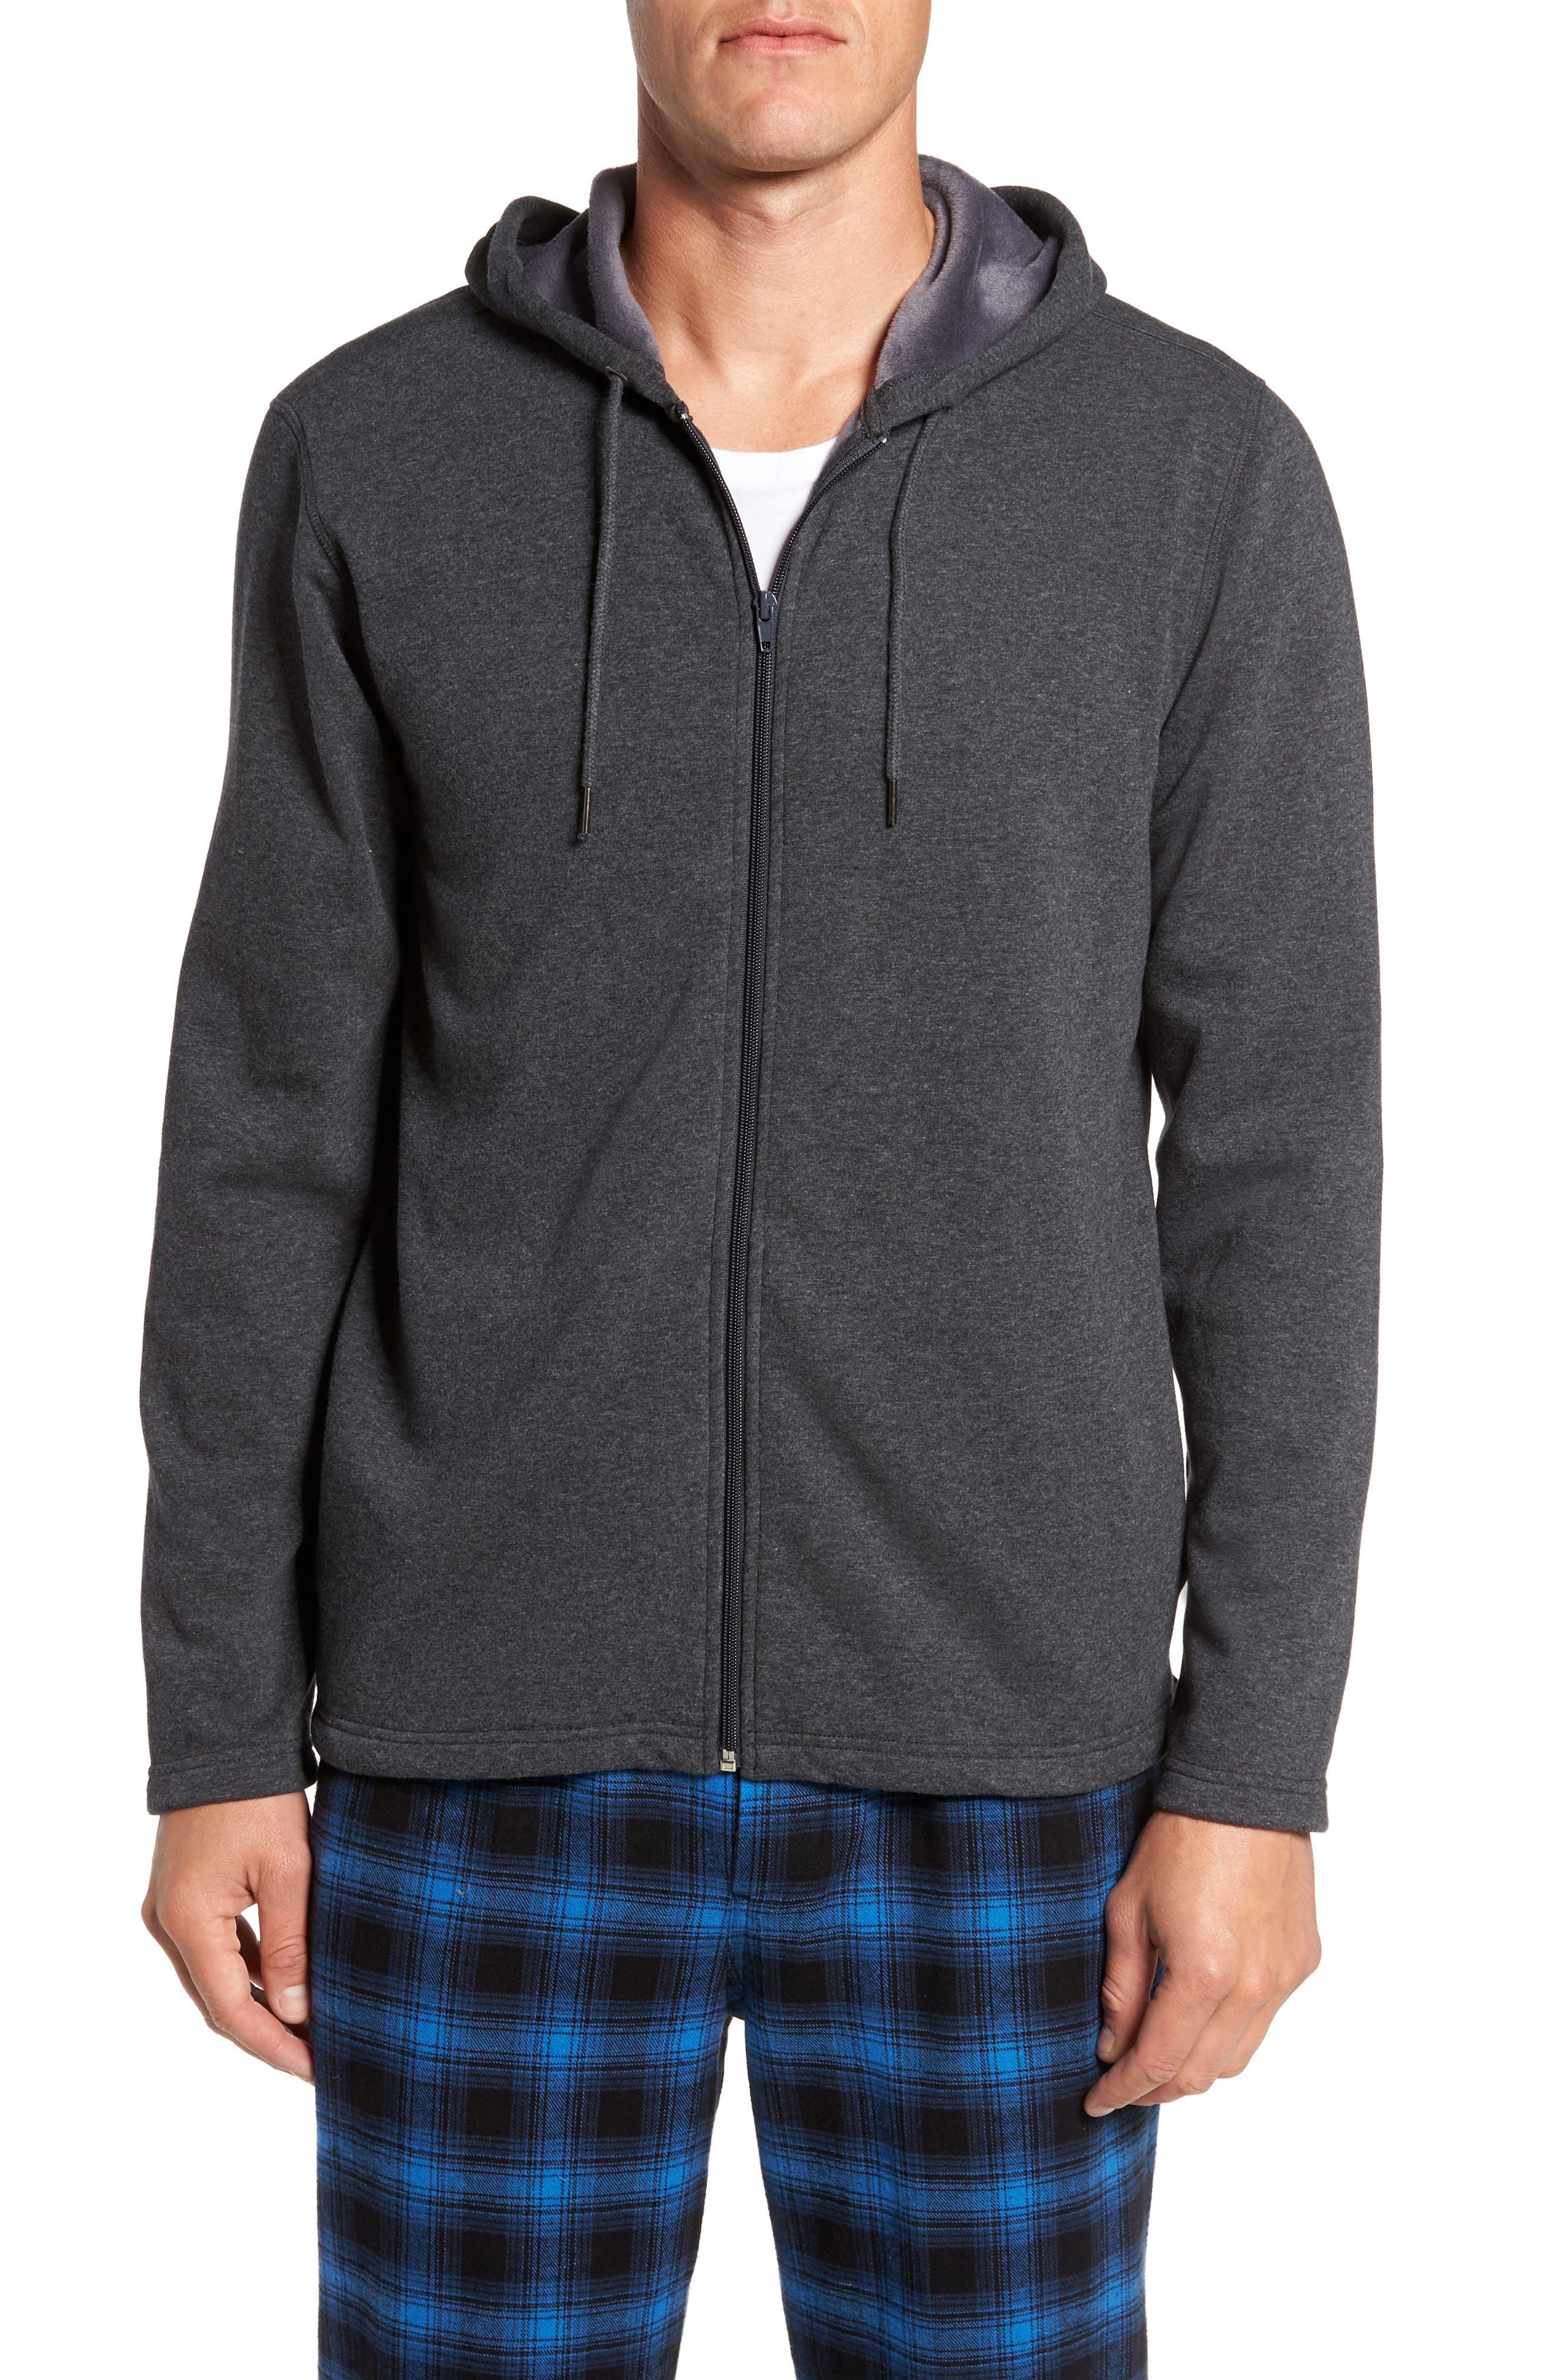 Nordstrom Men's Shop Fleece Zip Hoodie